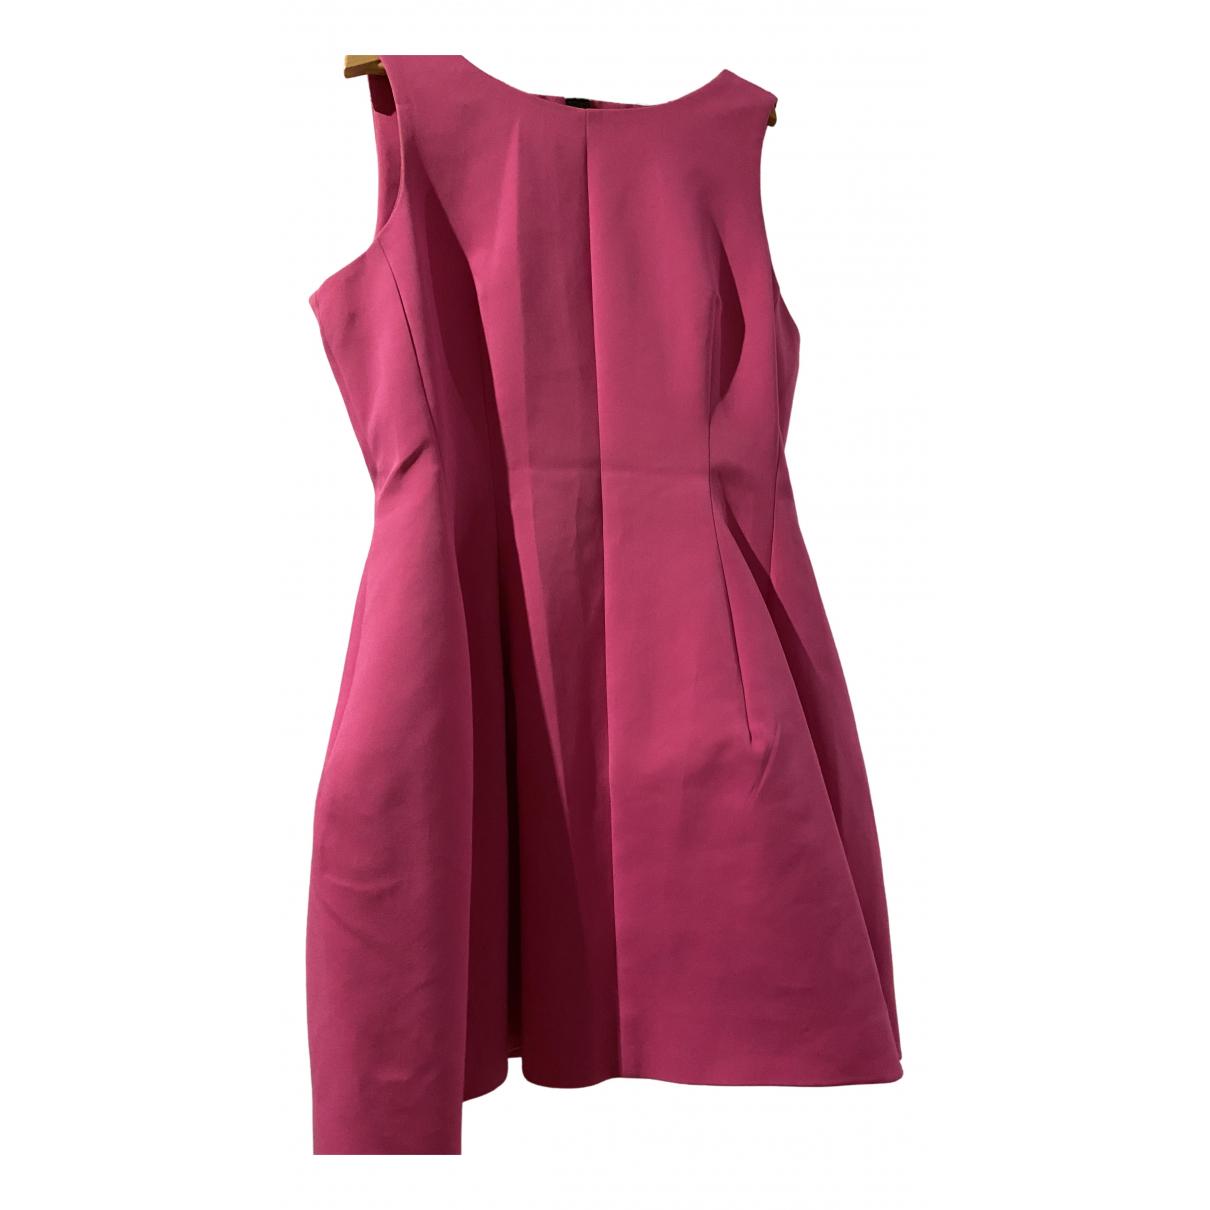 Zara - Robe   pour femme en coton - elasthane - rose